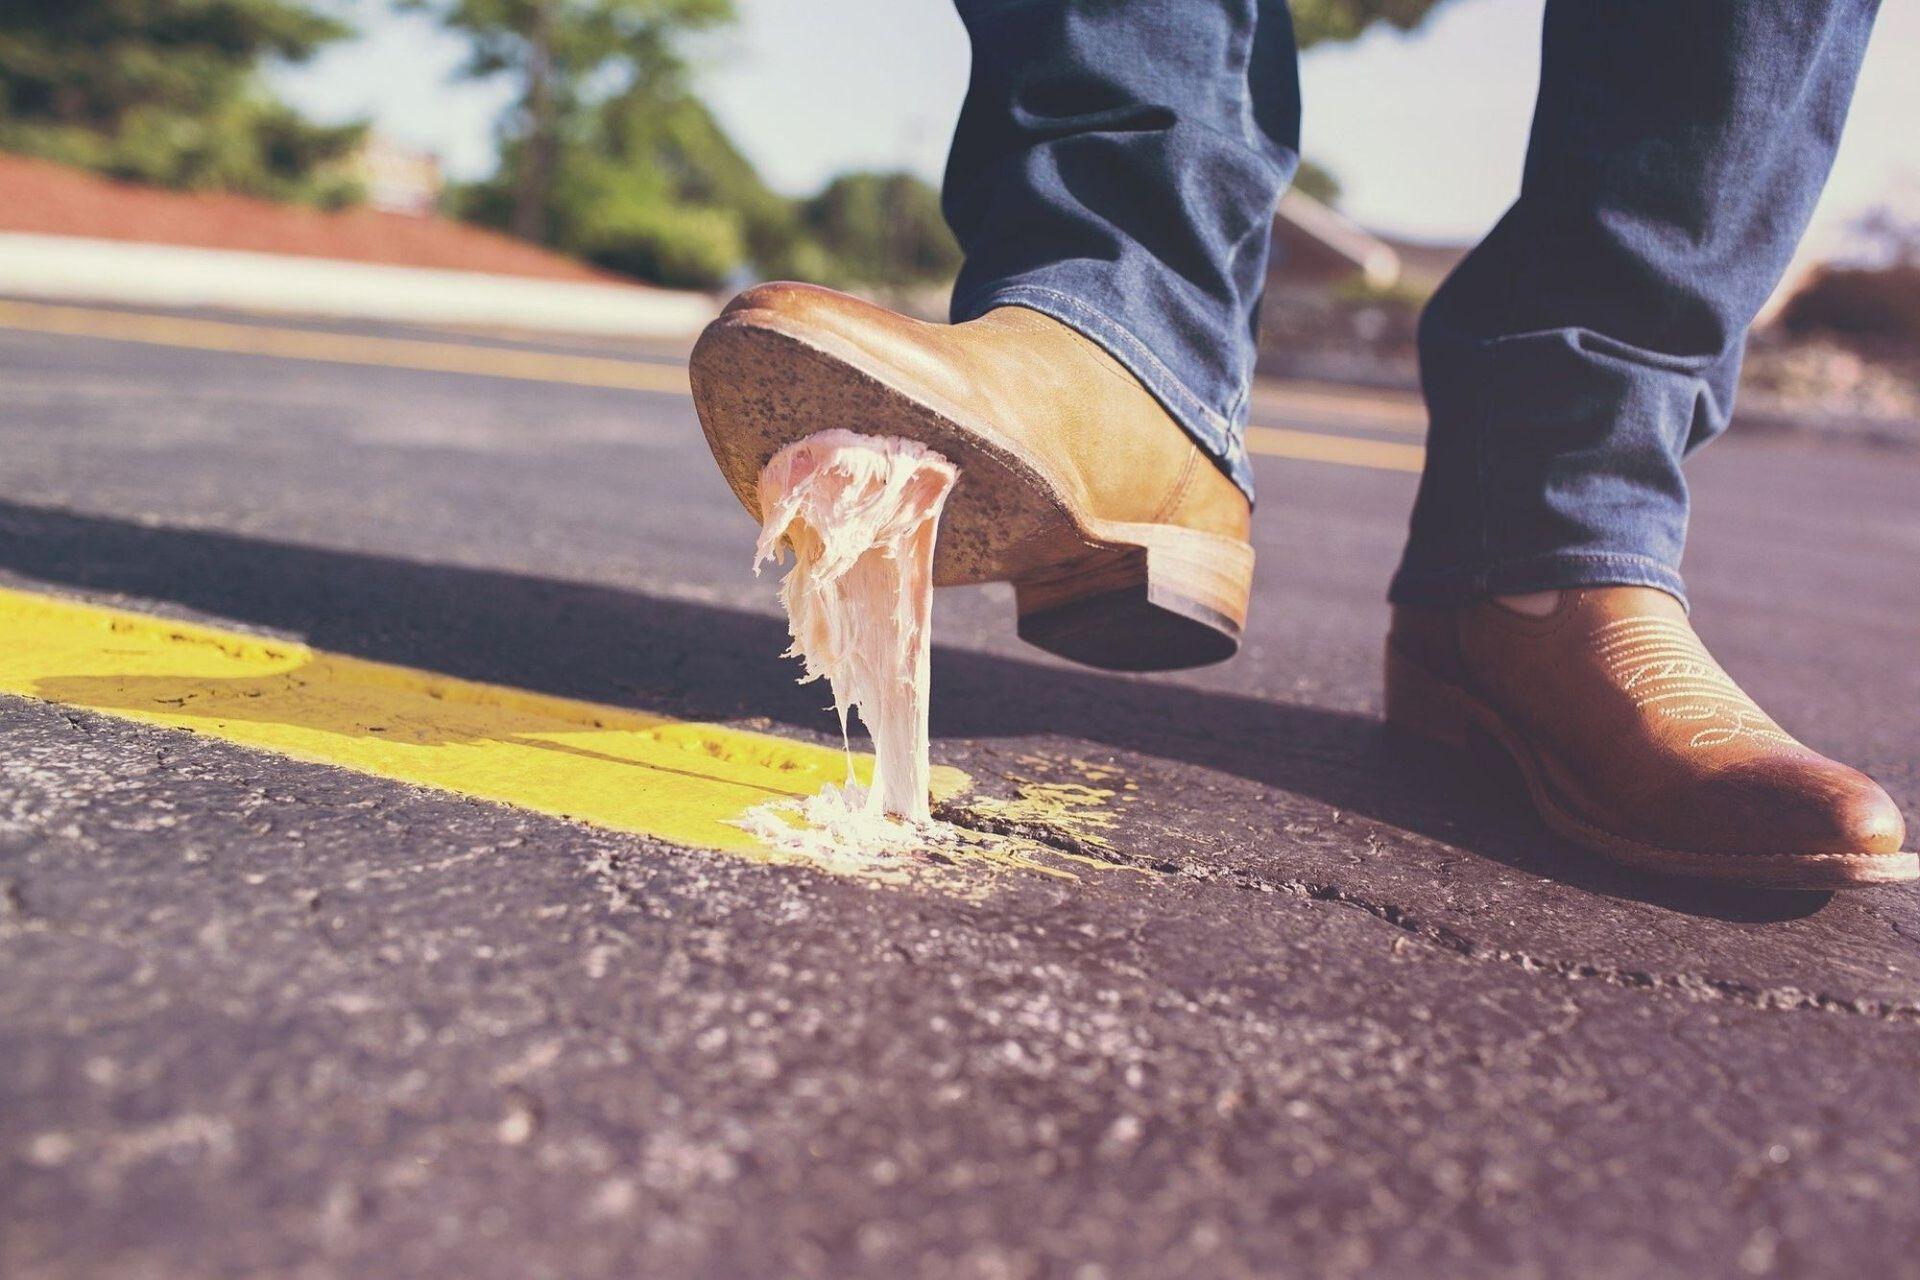 La suciedad de la calle queda adherida a la suela de los zapatos, incluyendo los gérmenes patógenos.